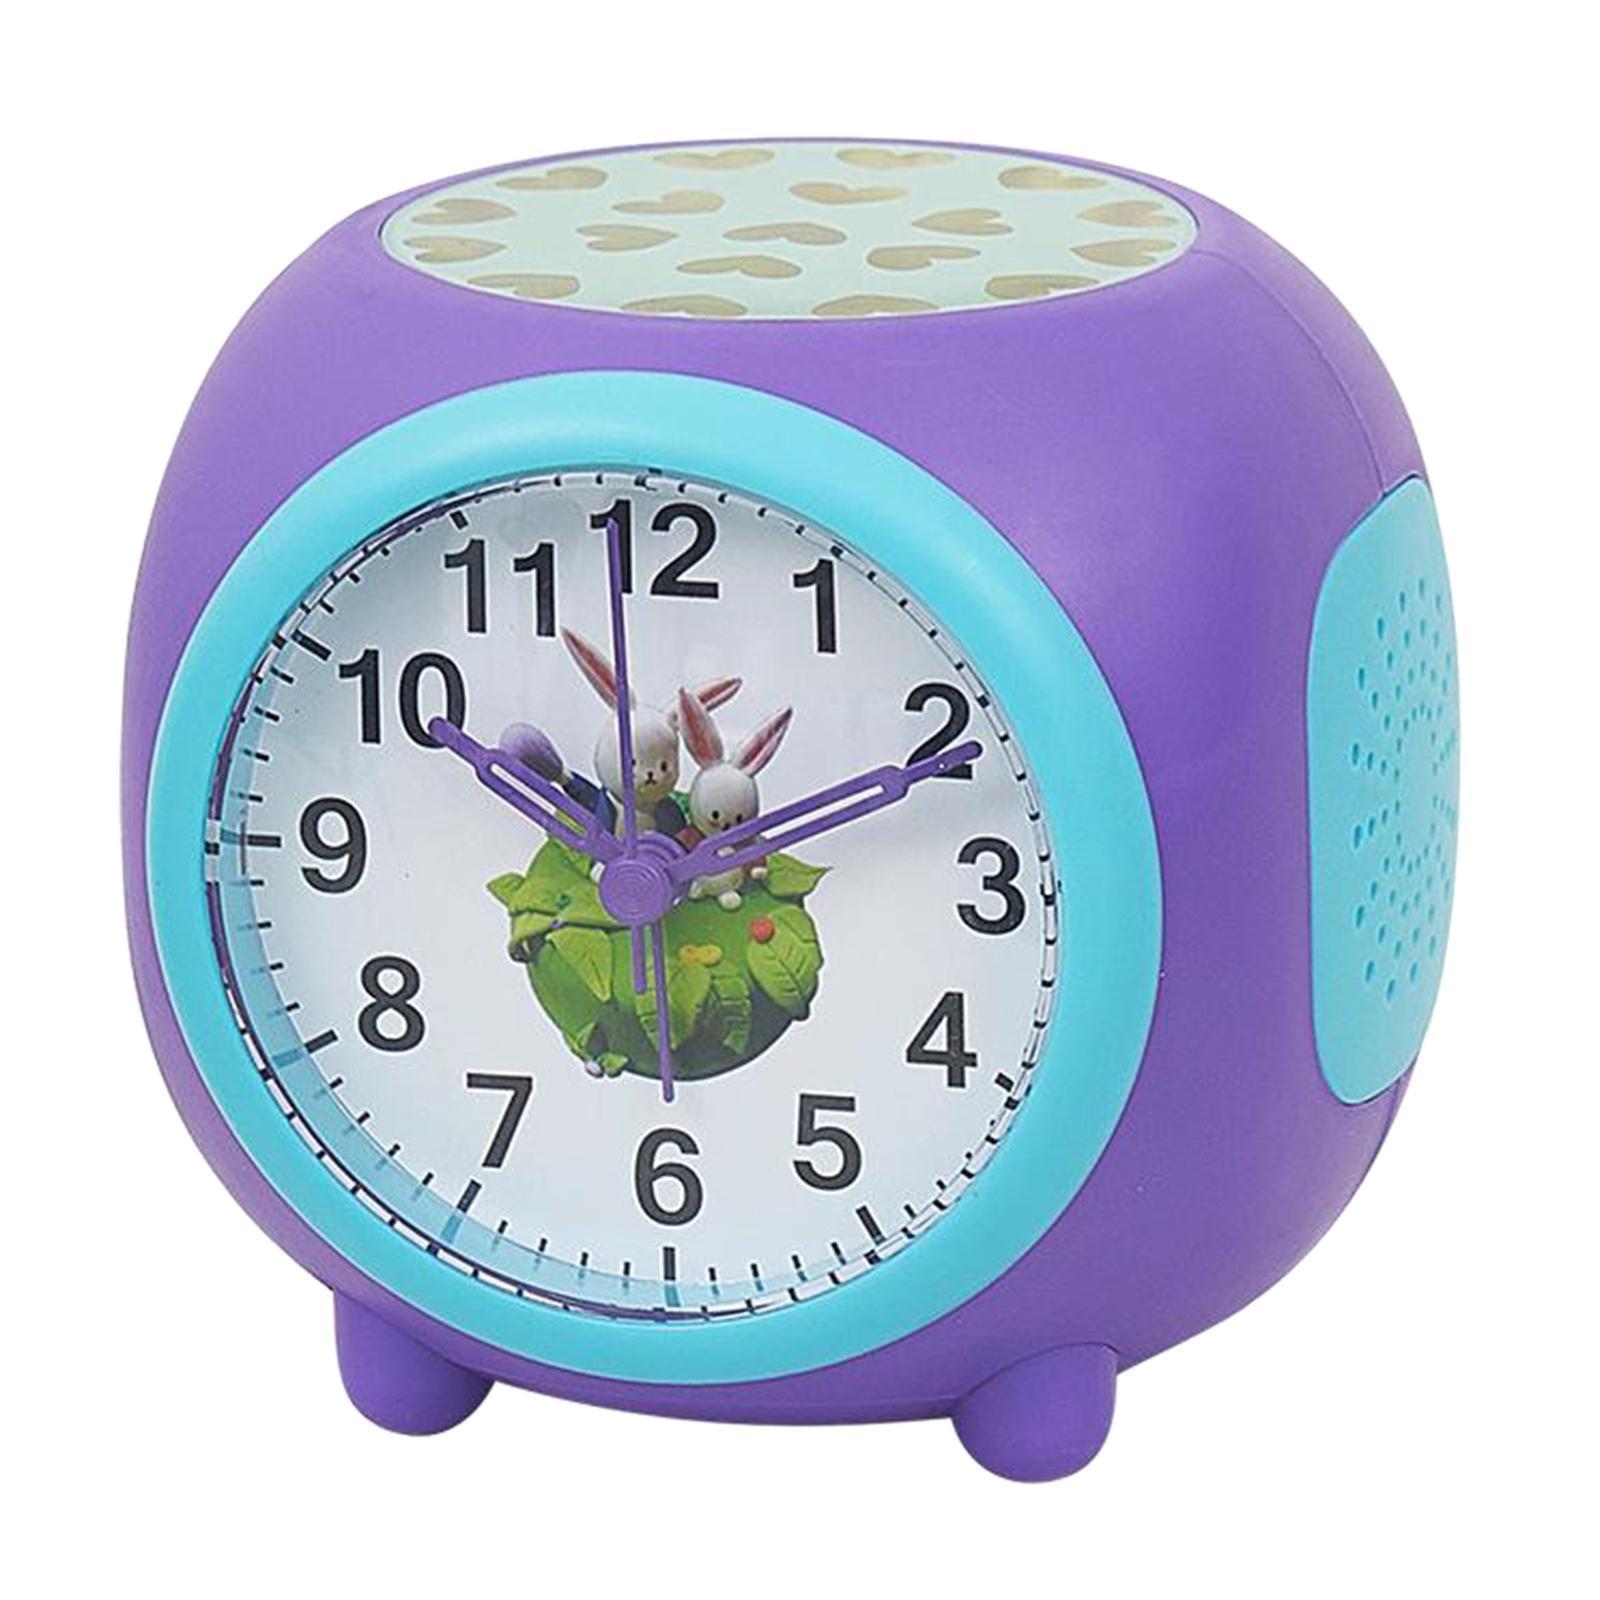 Controllo-vocale-Star-Projection-Lamp-Sveglia-Snooze-Clock-Orologio-da-camera-da miniatura 4